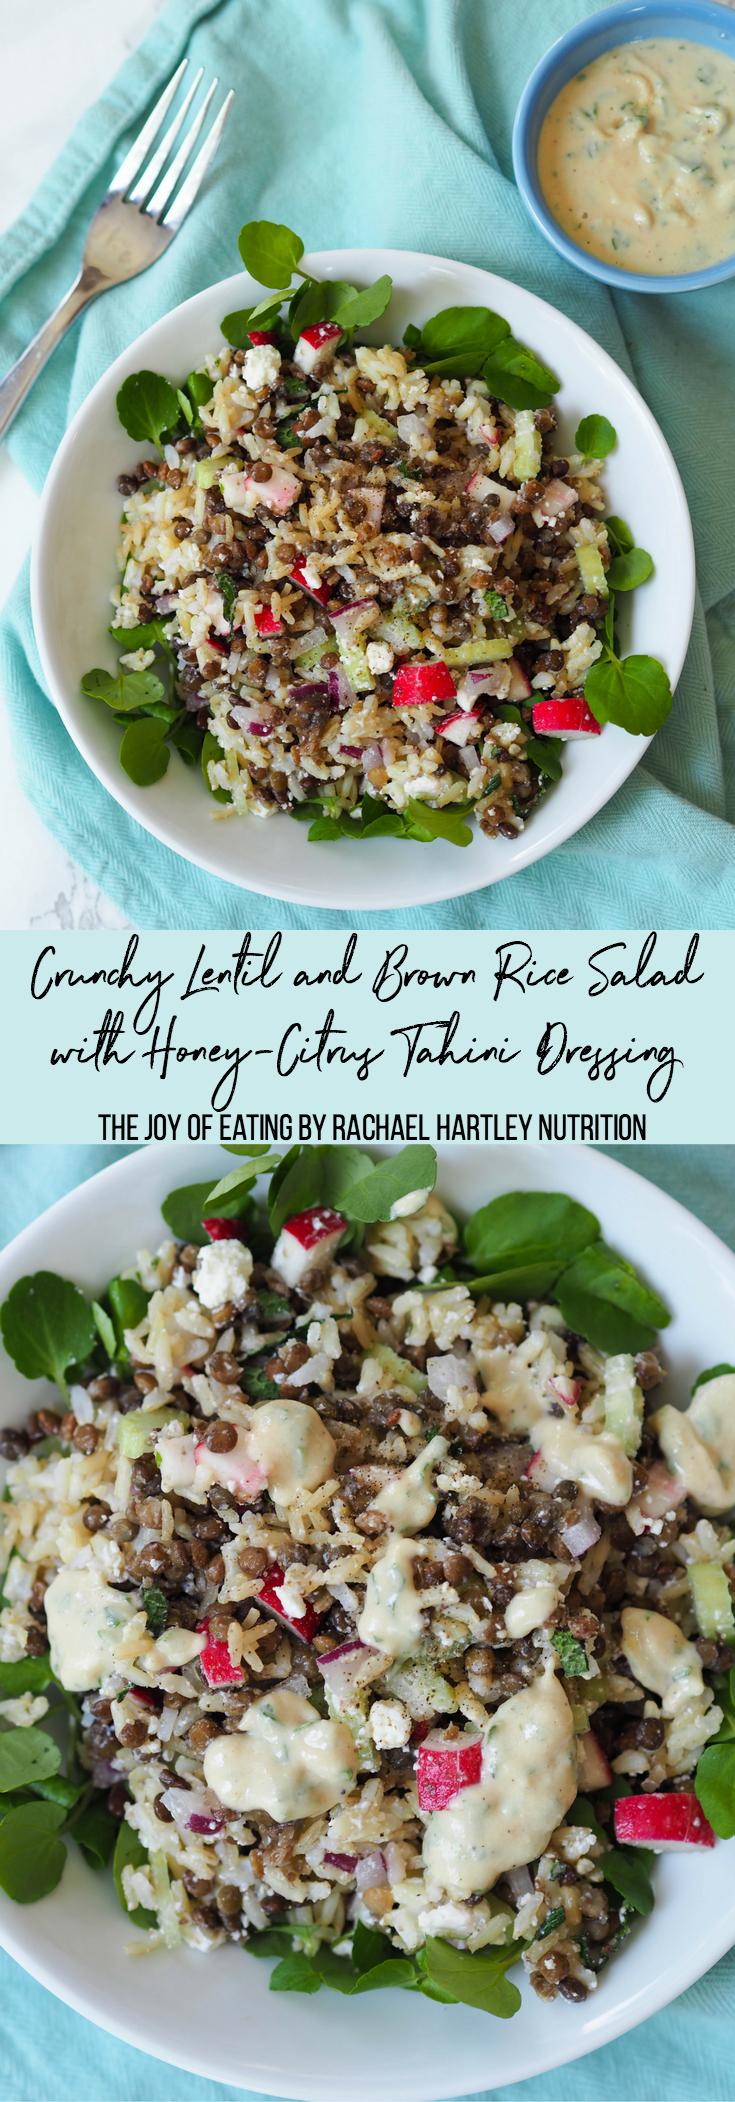 Crunchy-lentil-brown-rice-salad.png